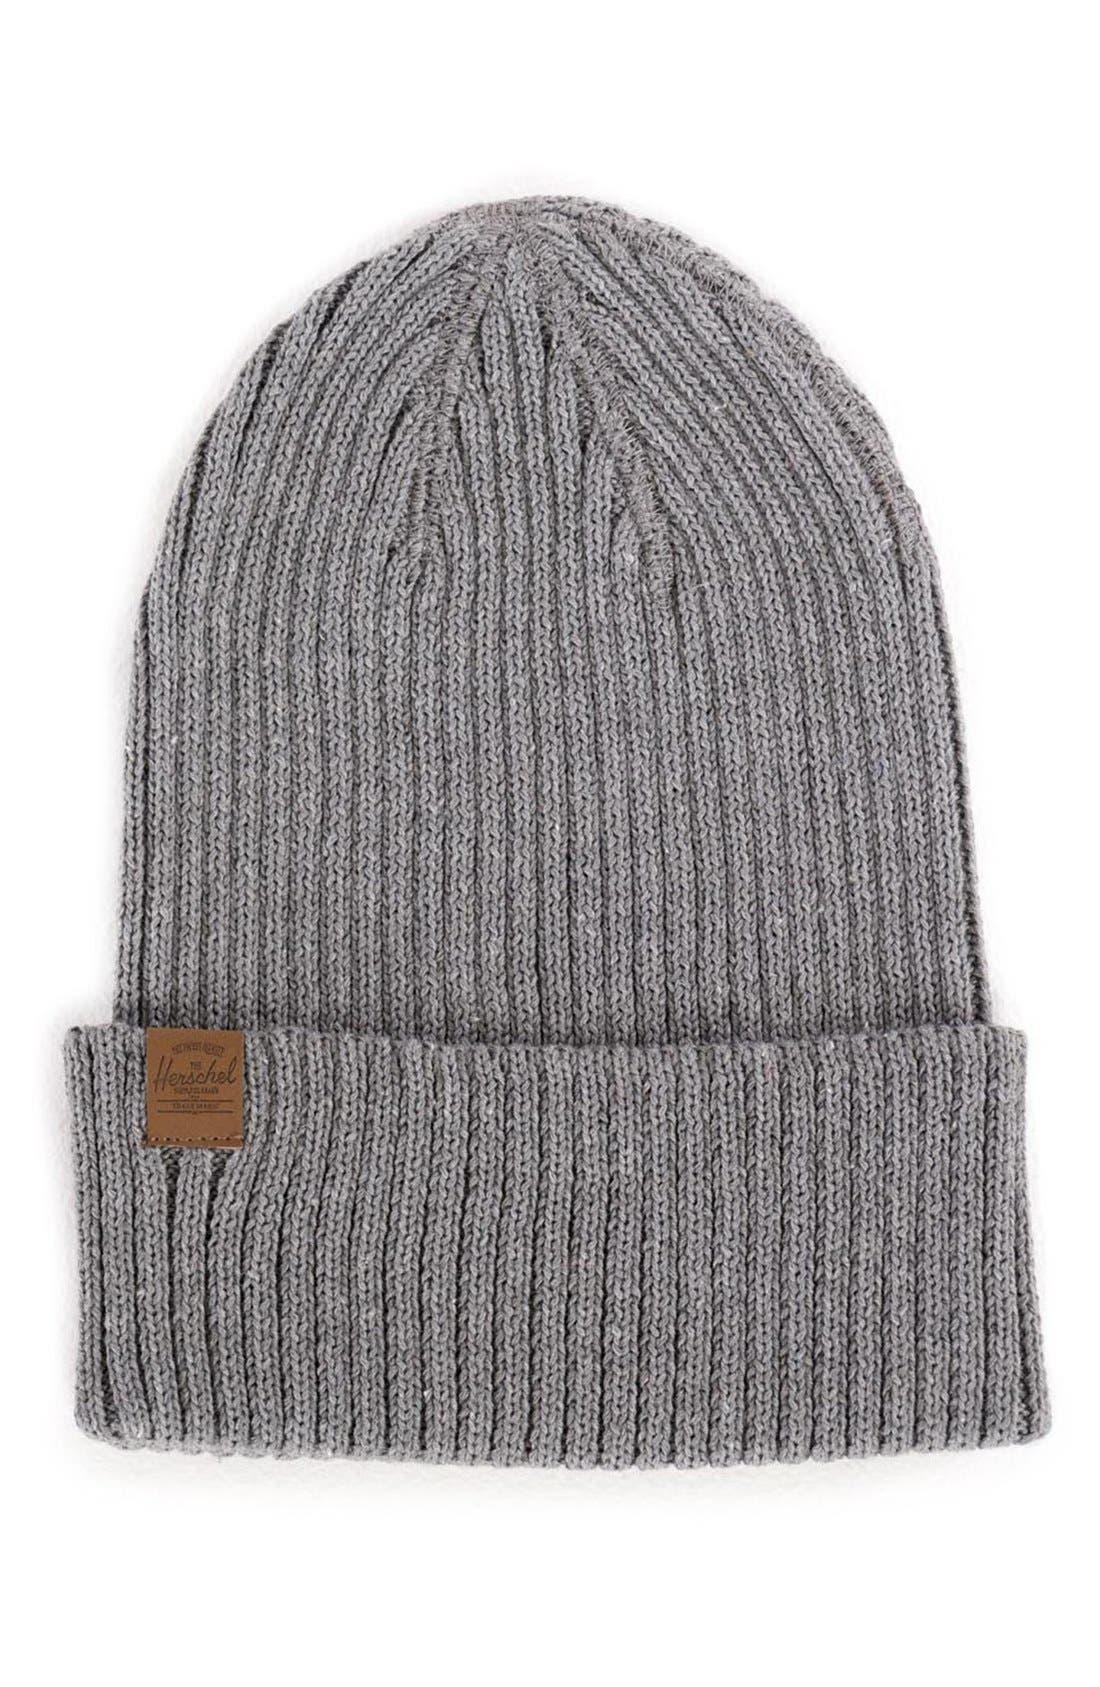 Main Image - Herschel Supply Co. 'Cast' Knit Cotton Beanie